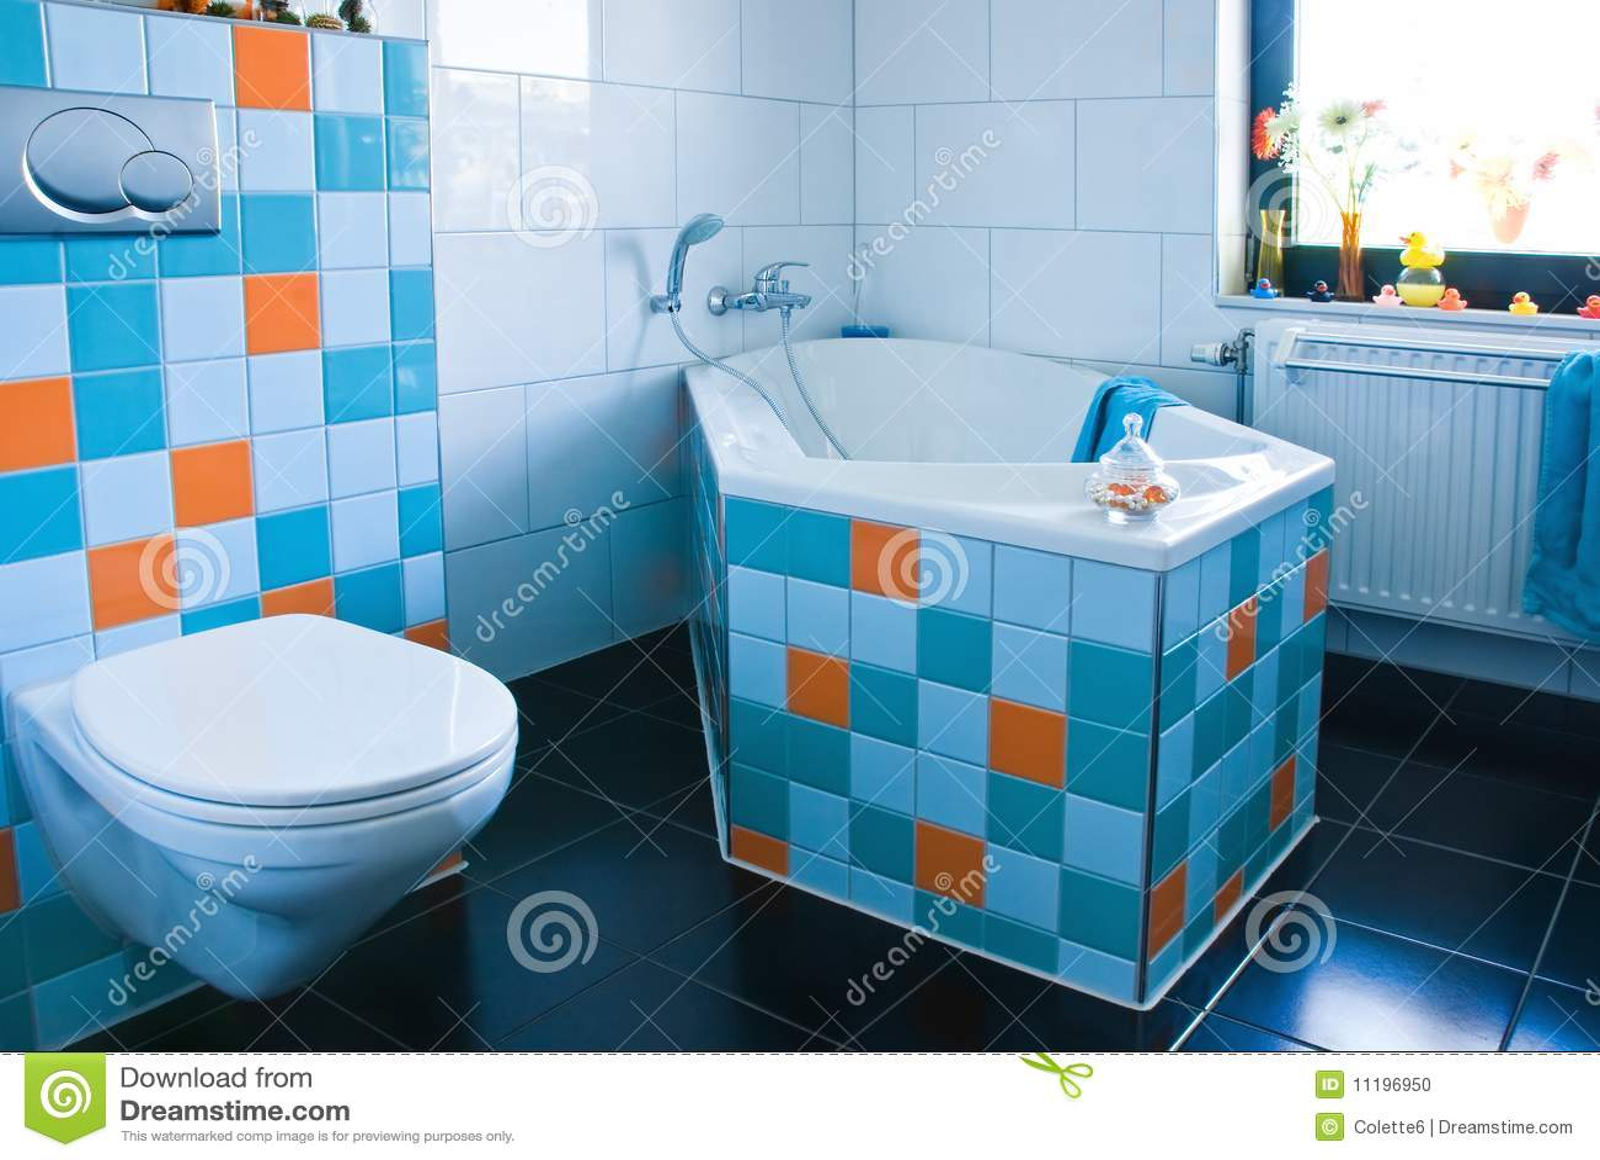 Banheiro Branco E Azul Colorido Com Assoalho Preto Foto de Stock  #B34F18 1300x960 Banheiro Branco E Azul